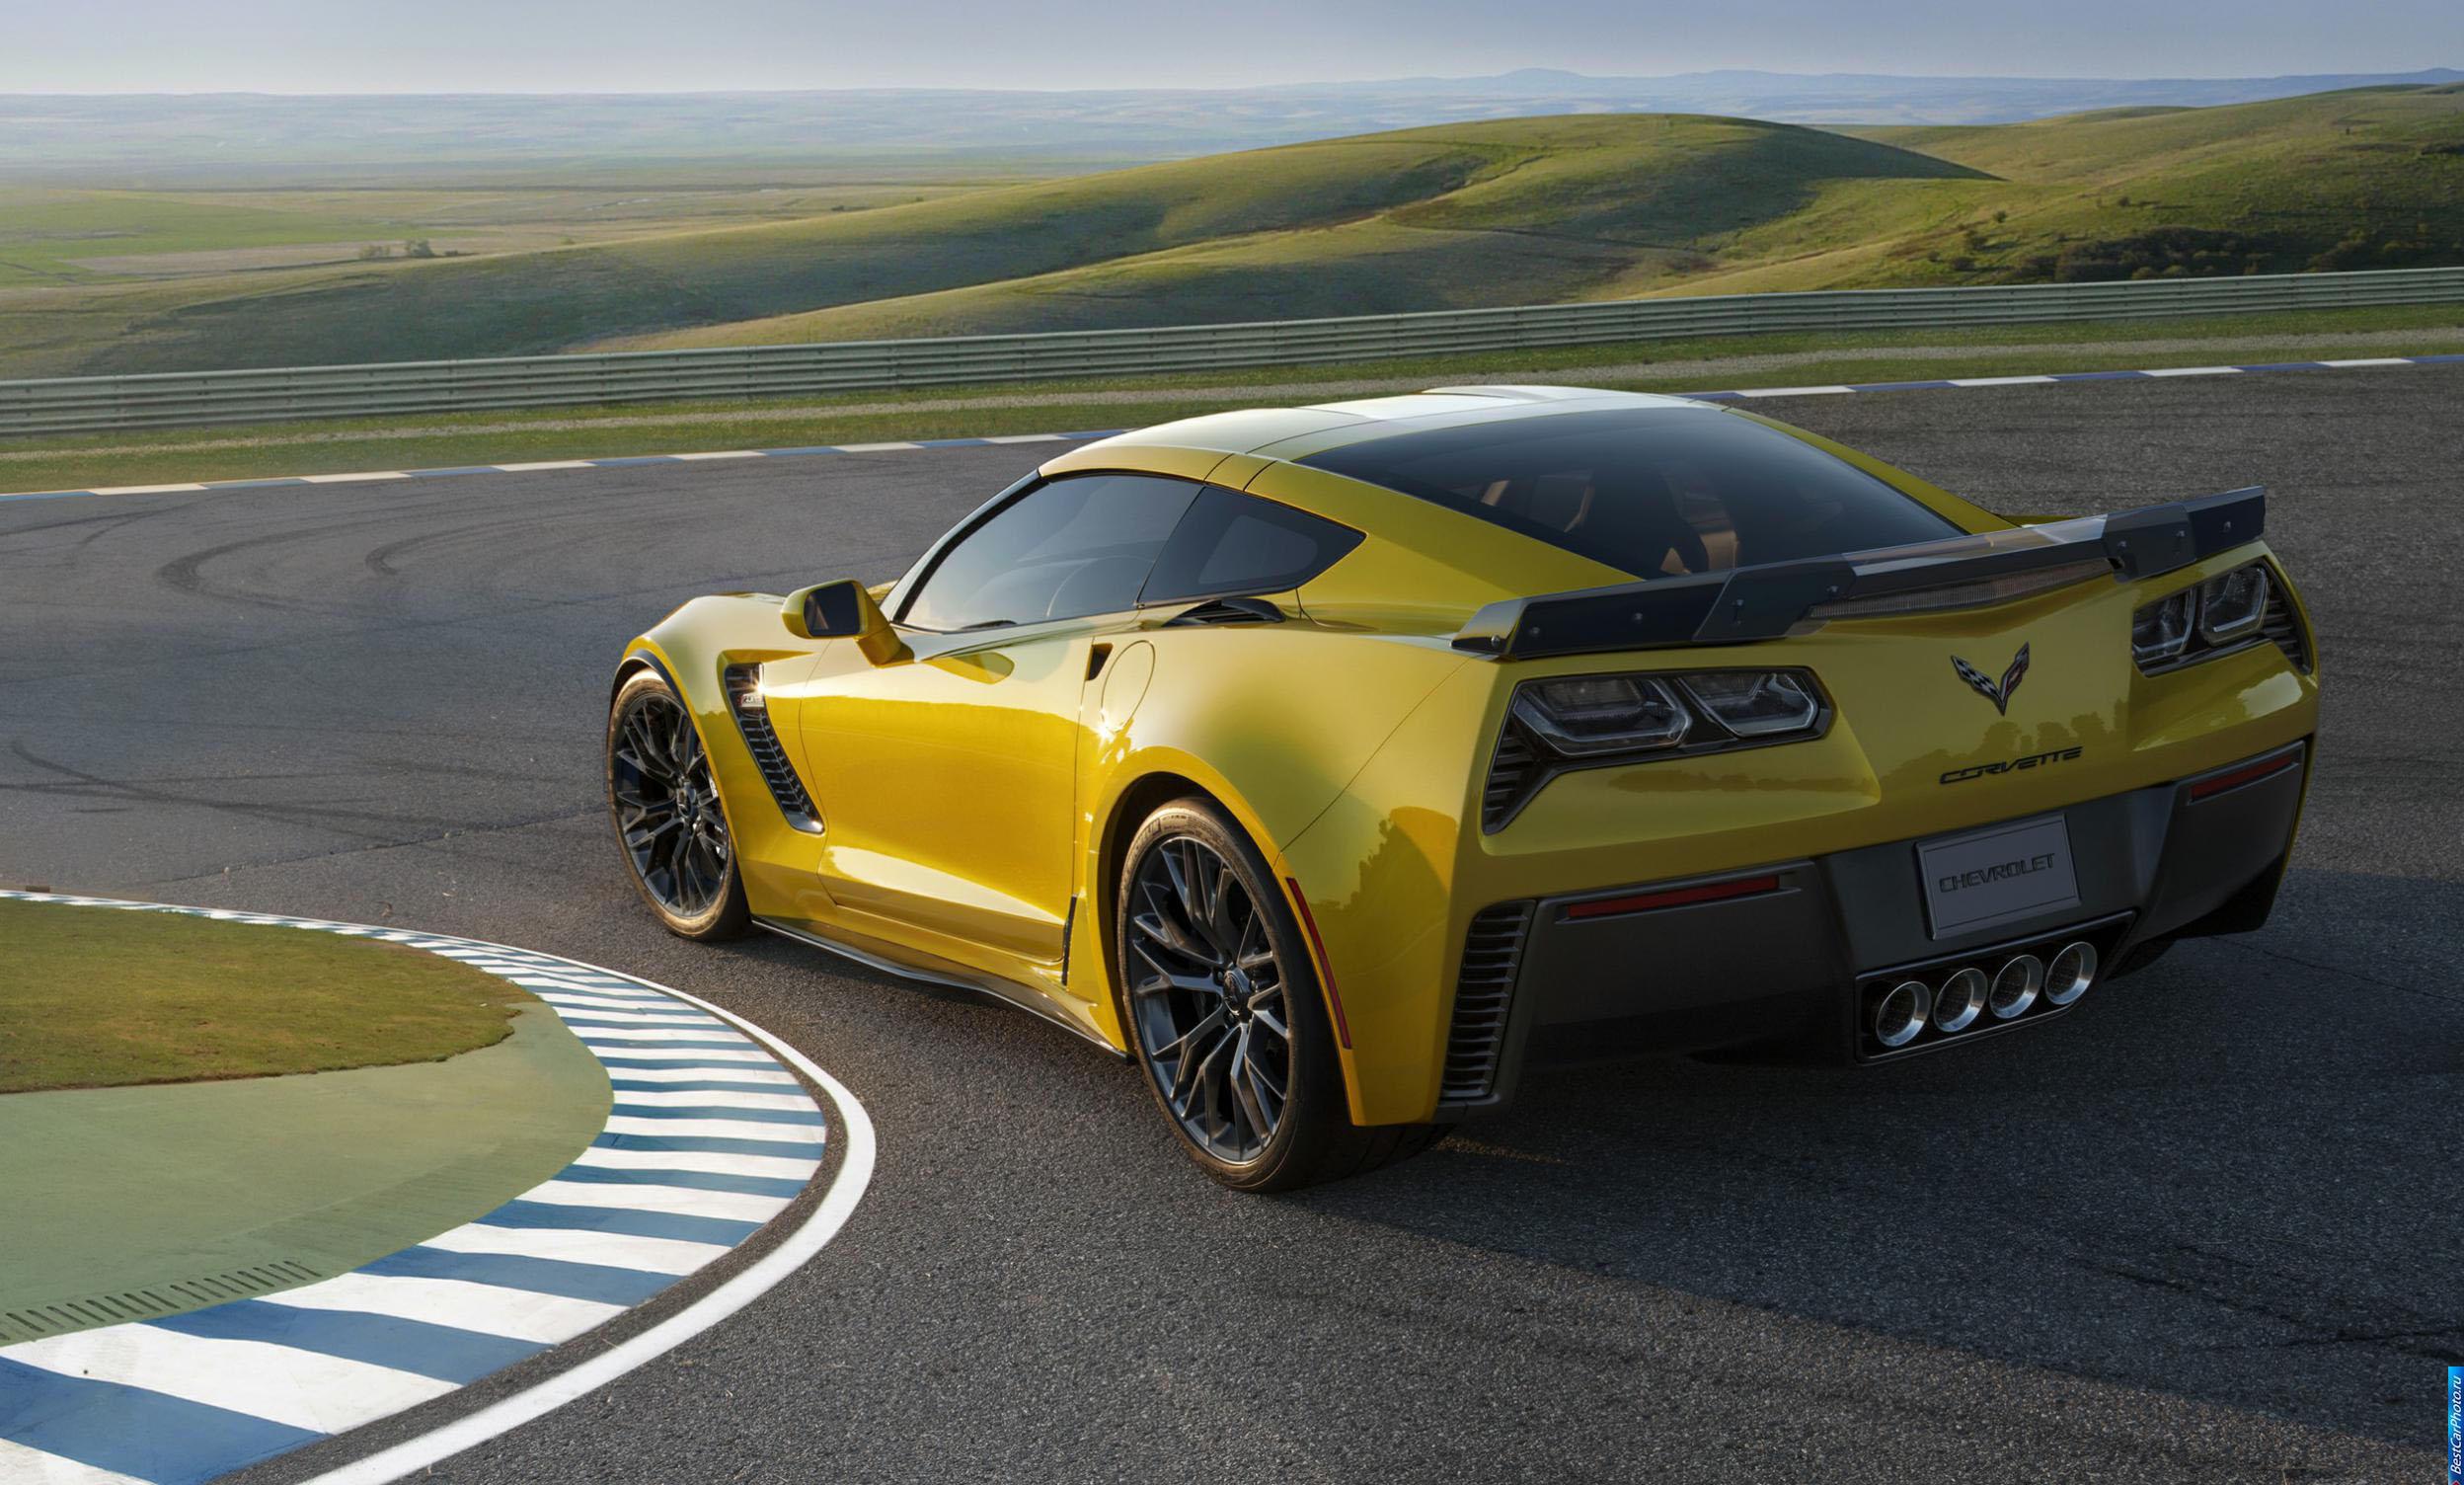 Chevrolet Corvette Z06 тест драйв нового автомобиля